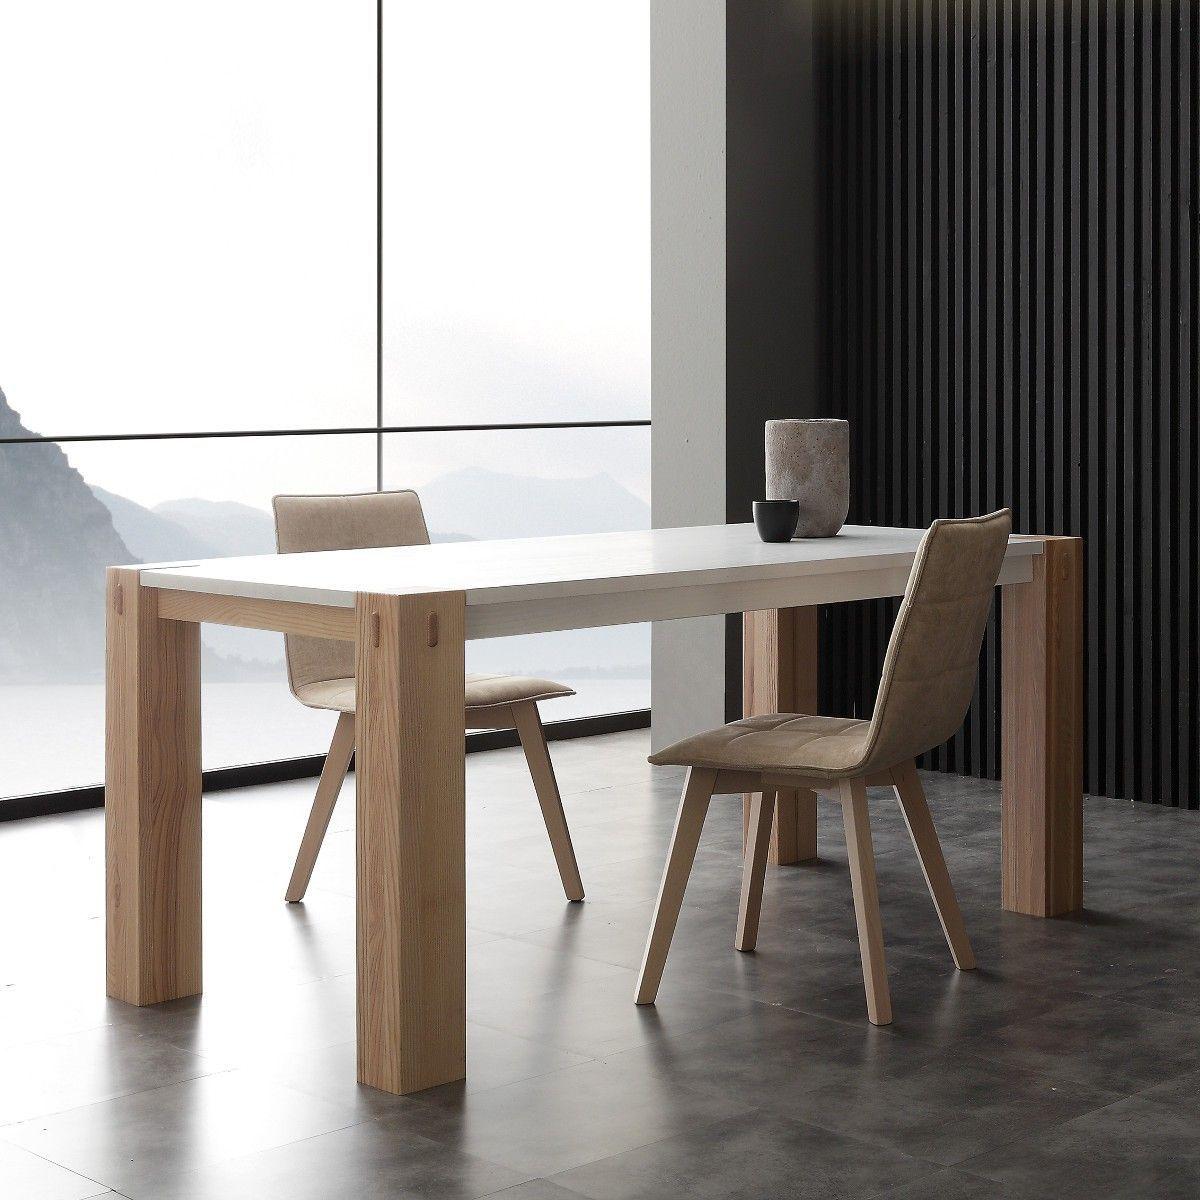 Tavolo allungabile in legno massello laccato bianco Woods